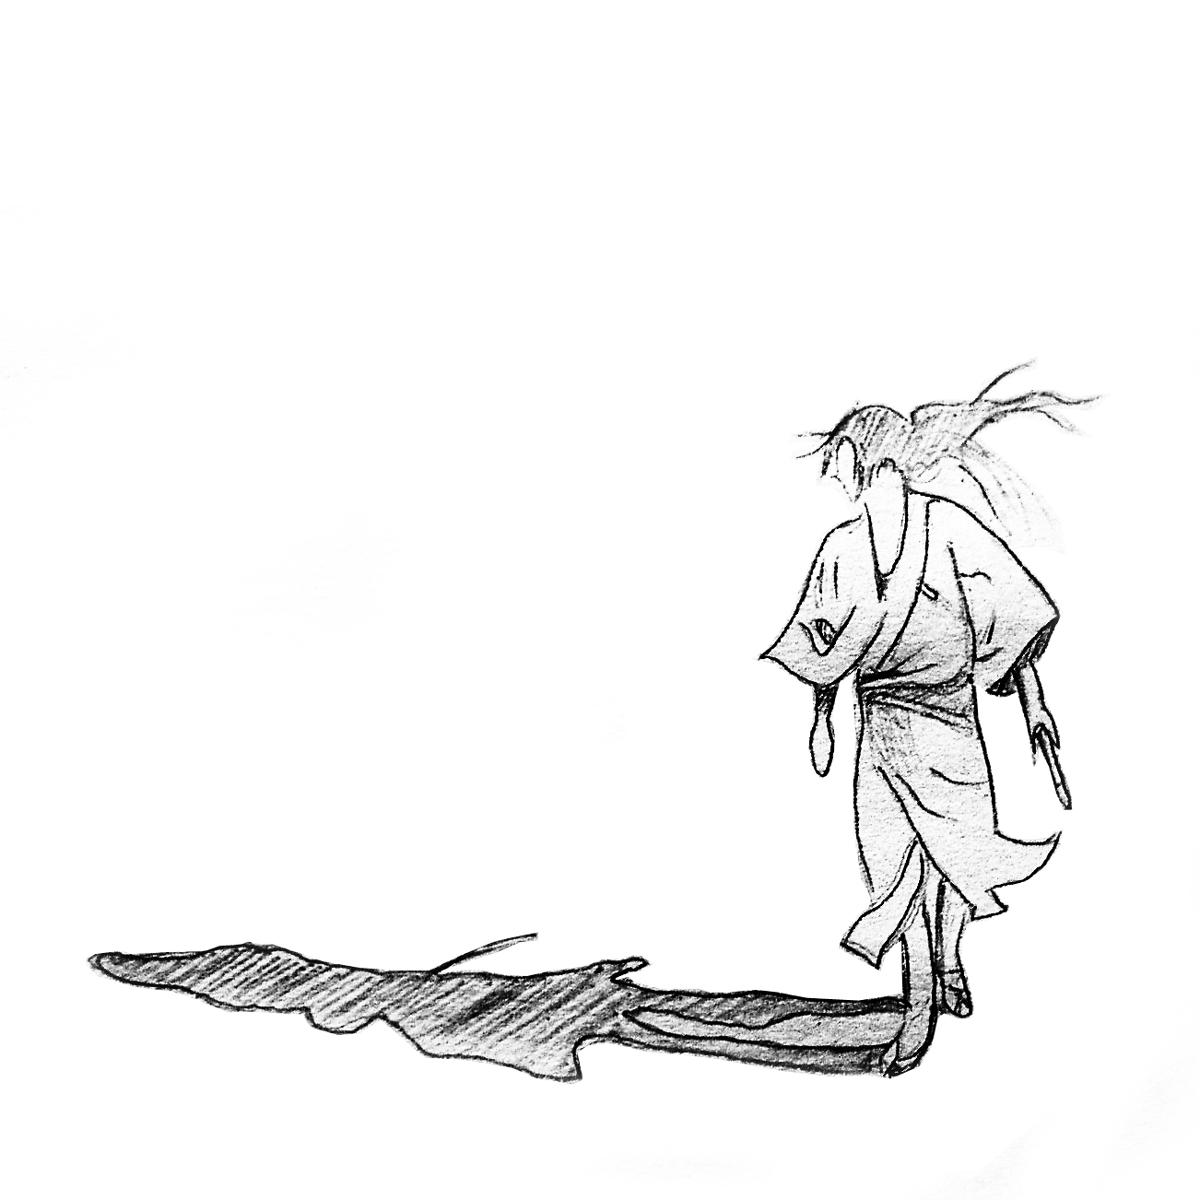 江戸絵画の著作権 | 物語を届け...